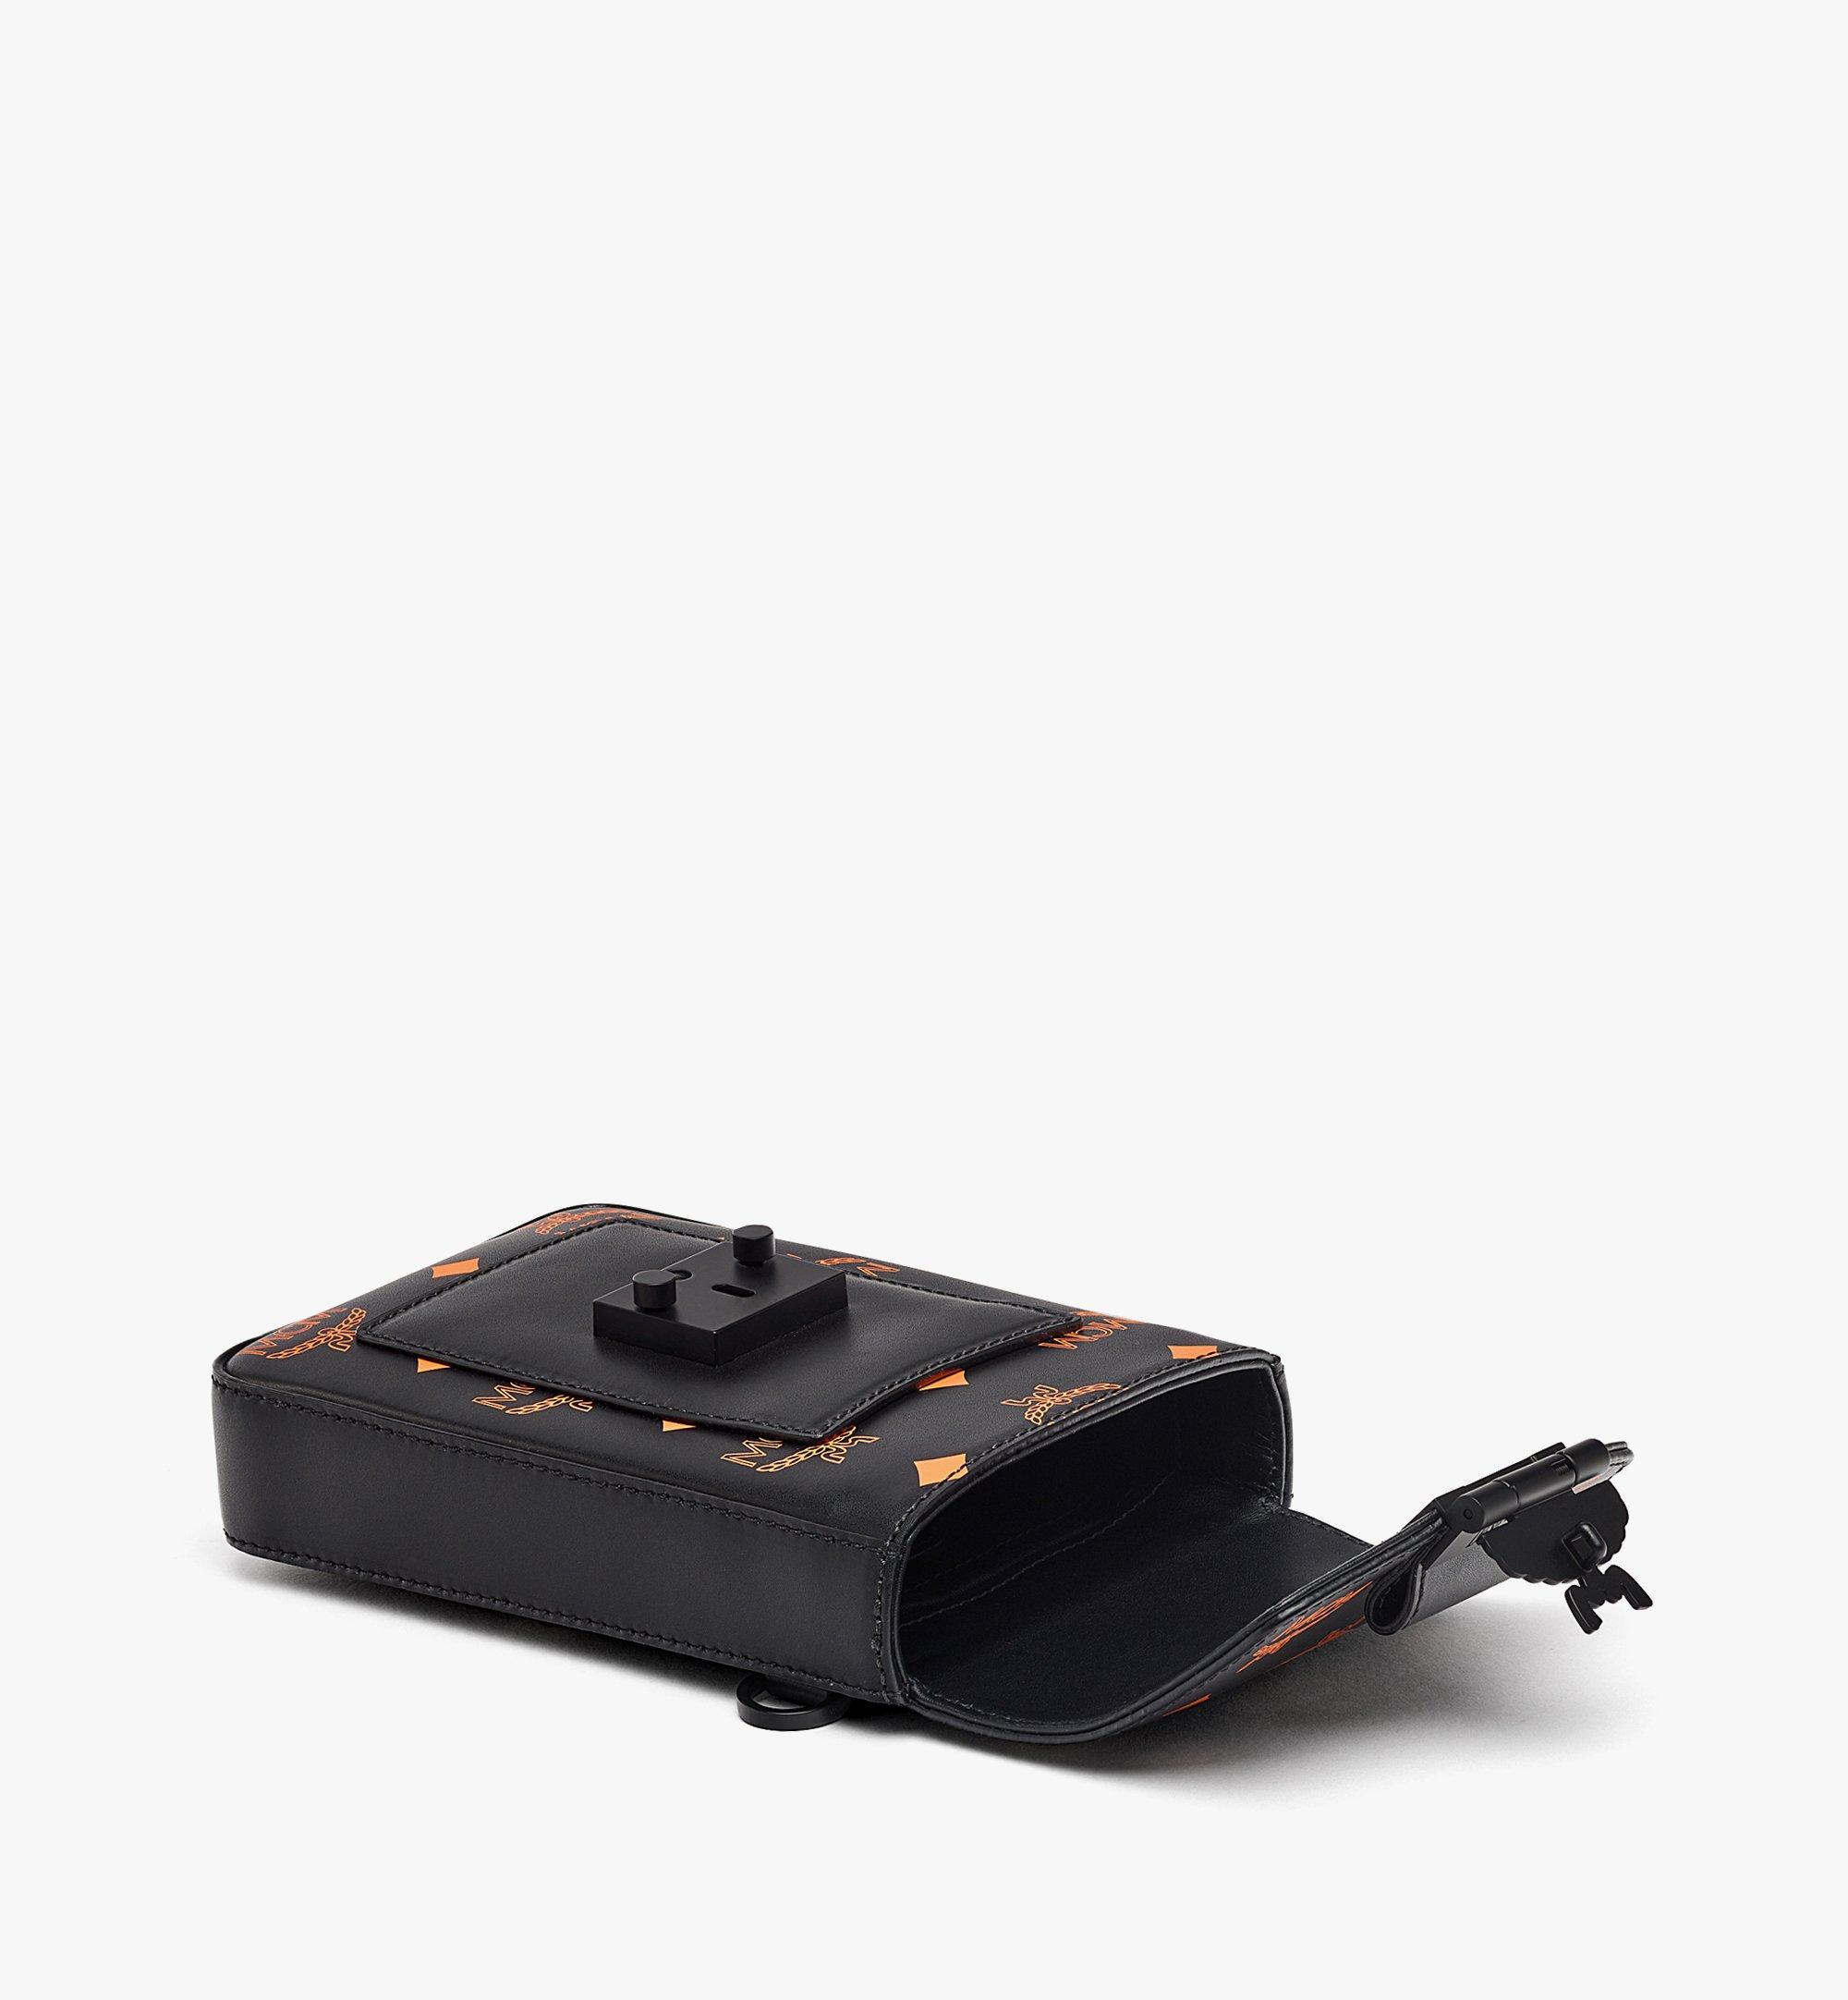 MCM Hochformatige Crossbody-Tasche in ColorSplashVisetos Orange MMRBASX04O9001 Noch mehr sehen 2